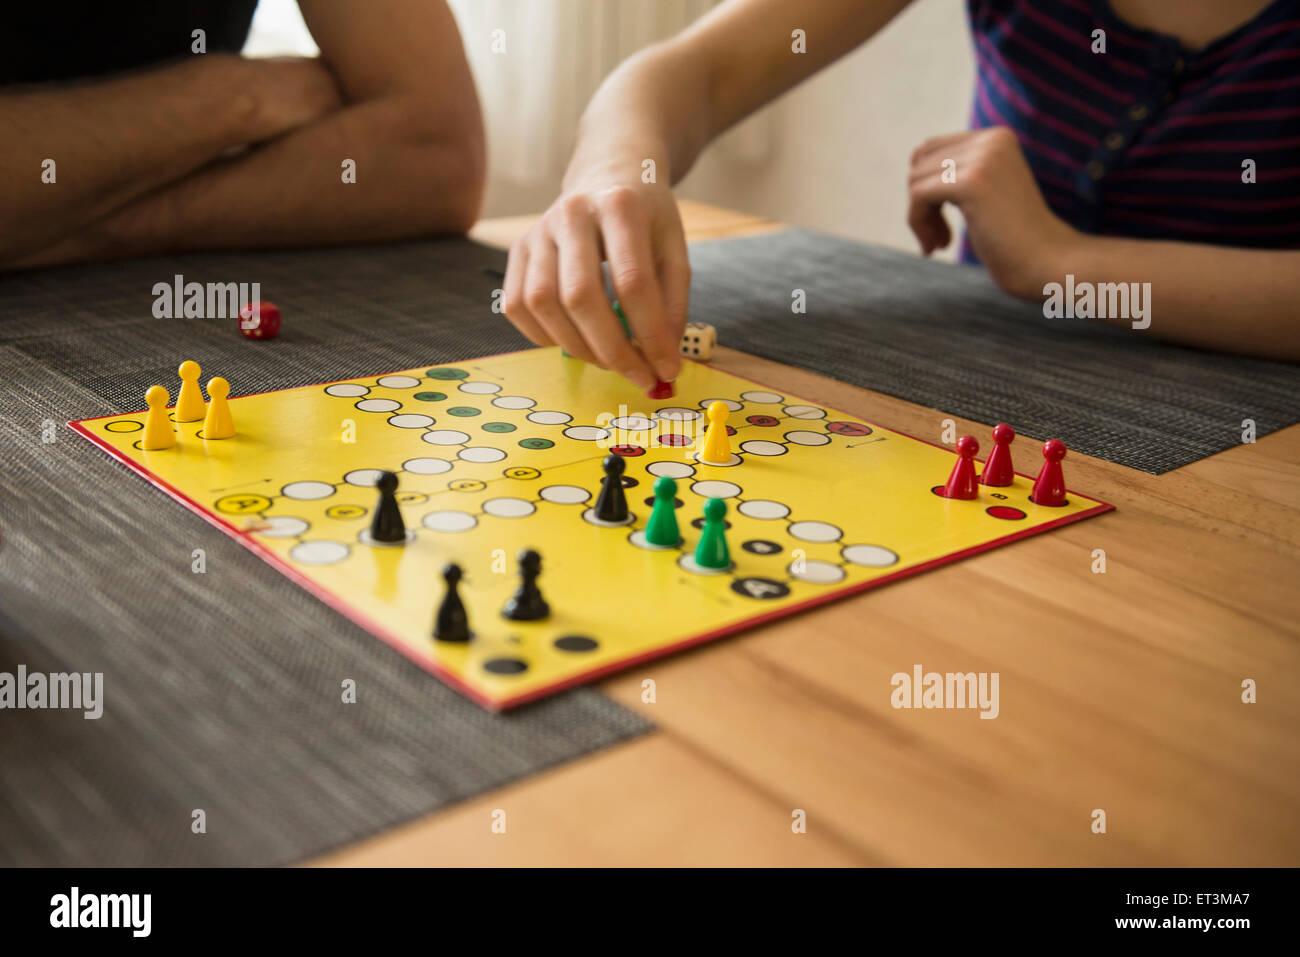 Mittelteil von Vater und Tochter spielen ein Brettspiel, Bayern, Deutschland Stockbild